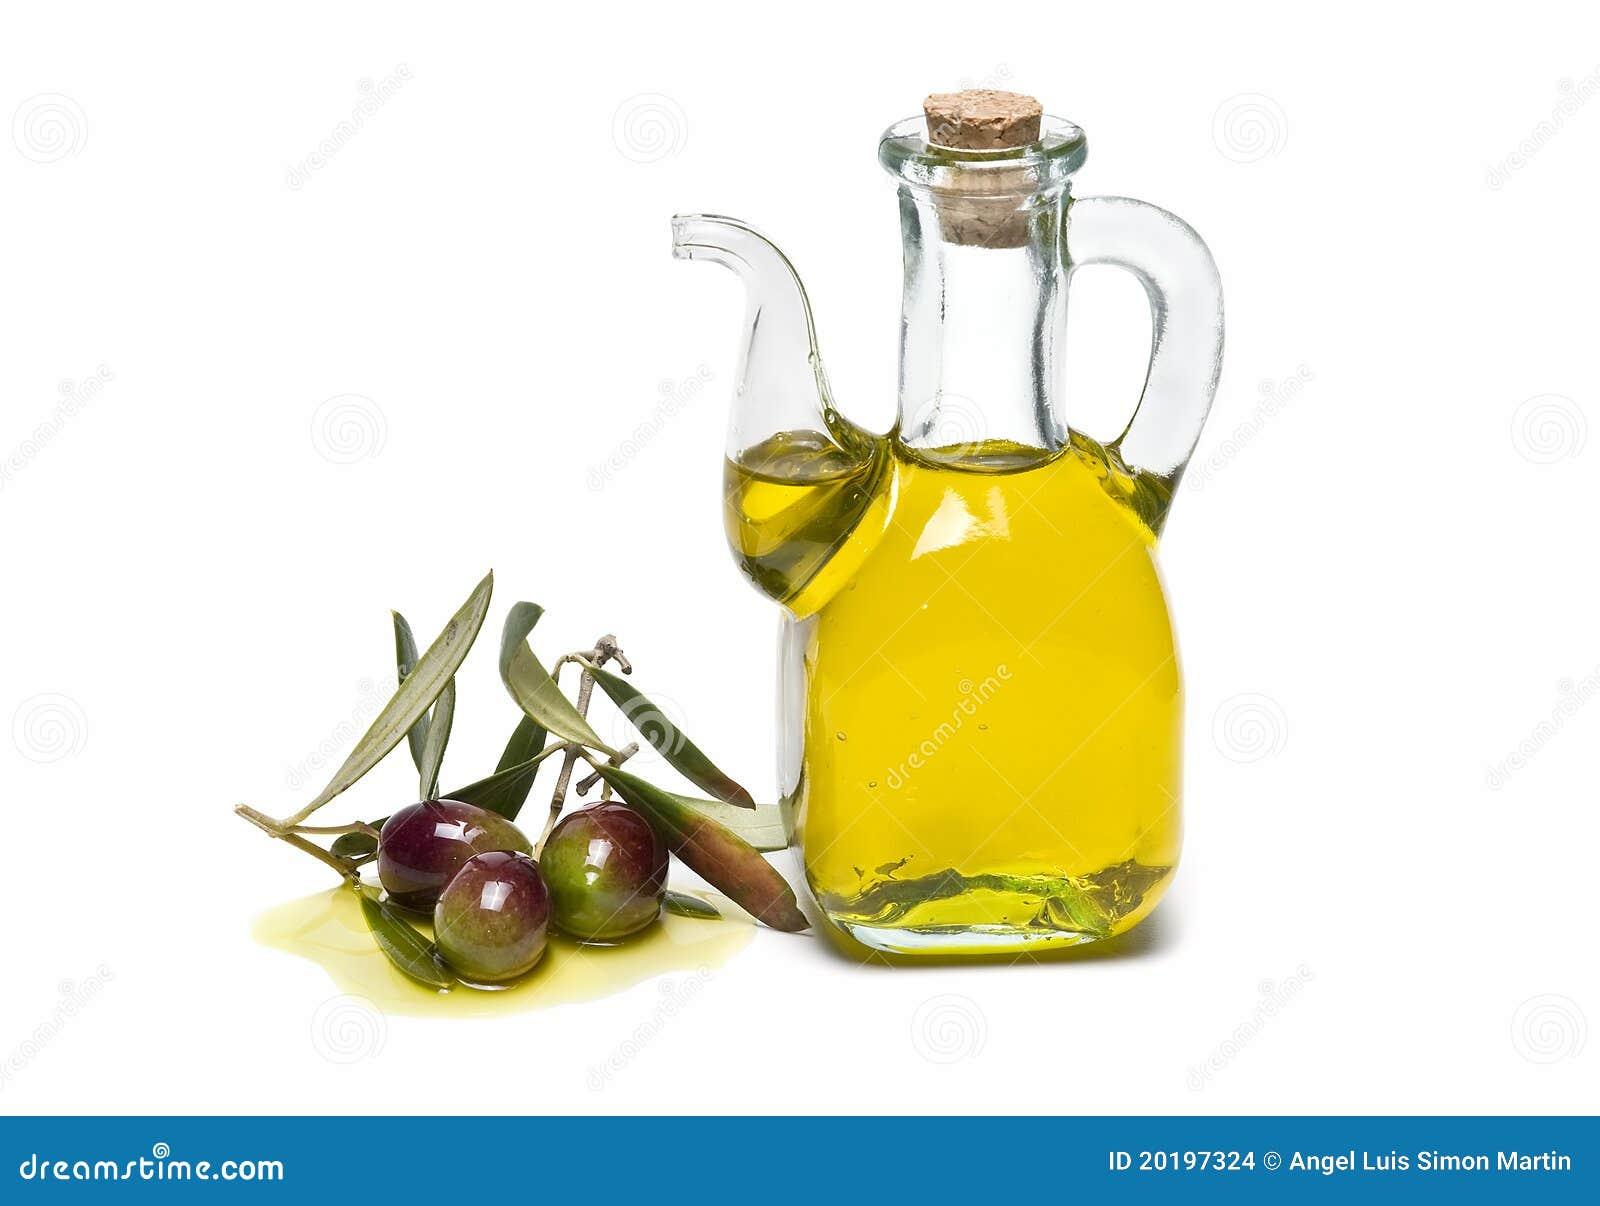 Nature Fresh Olive Oil